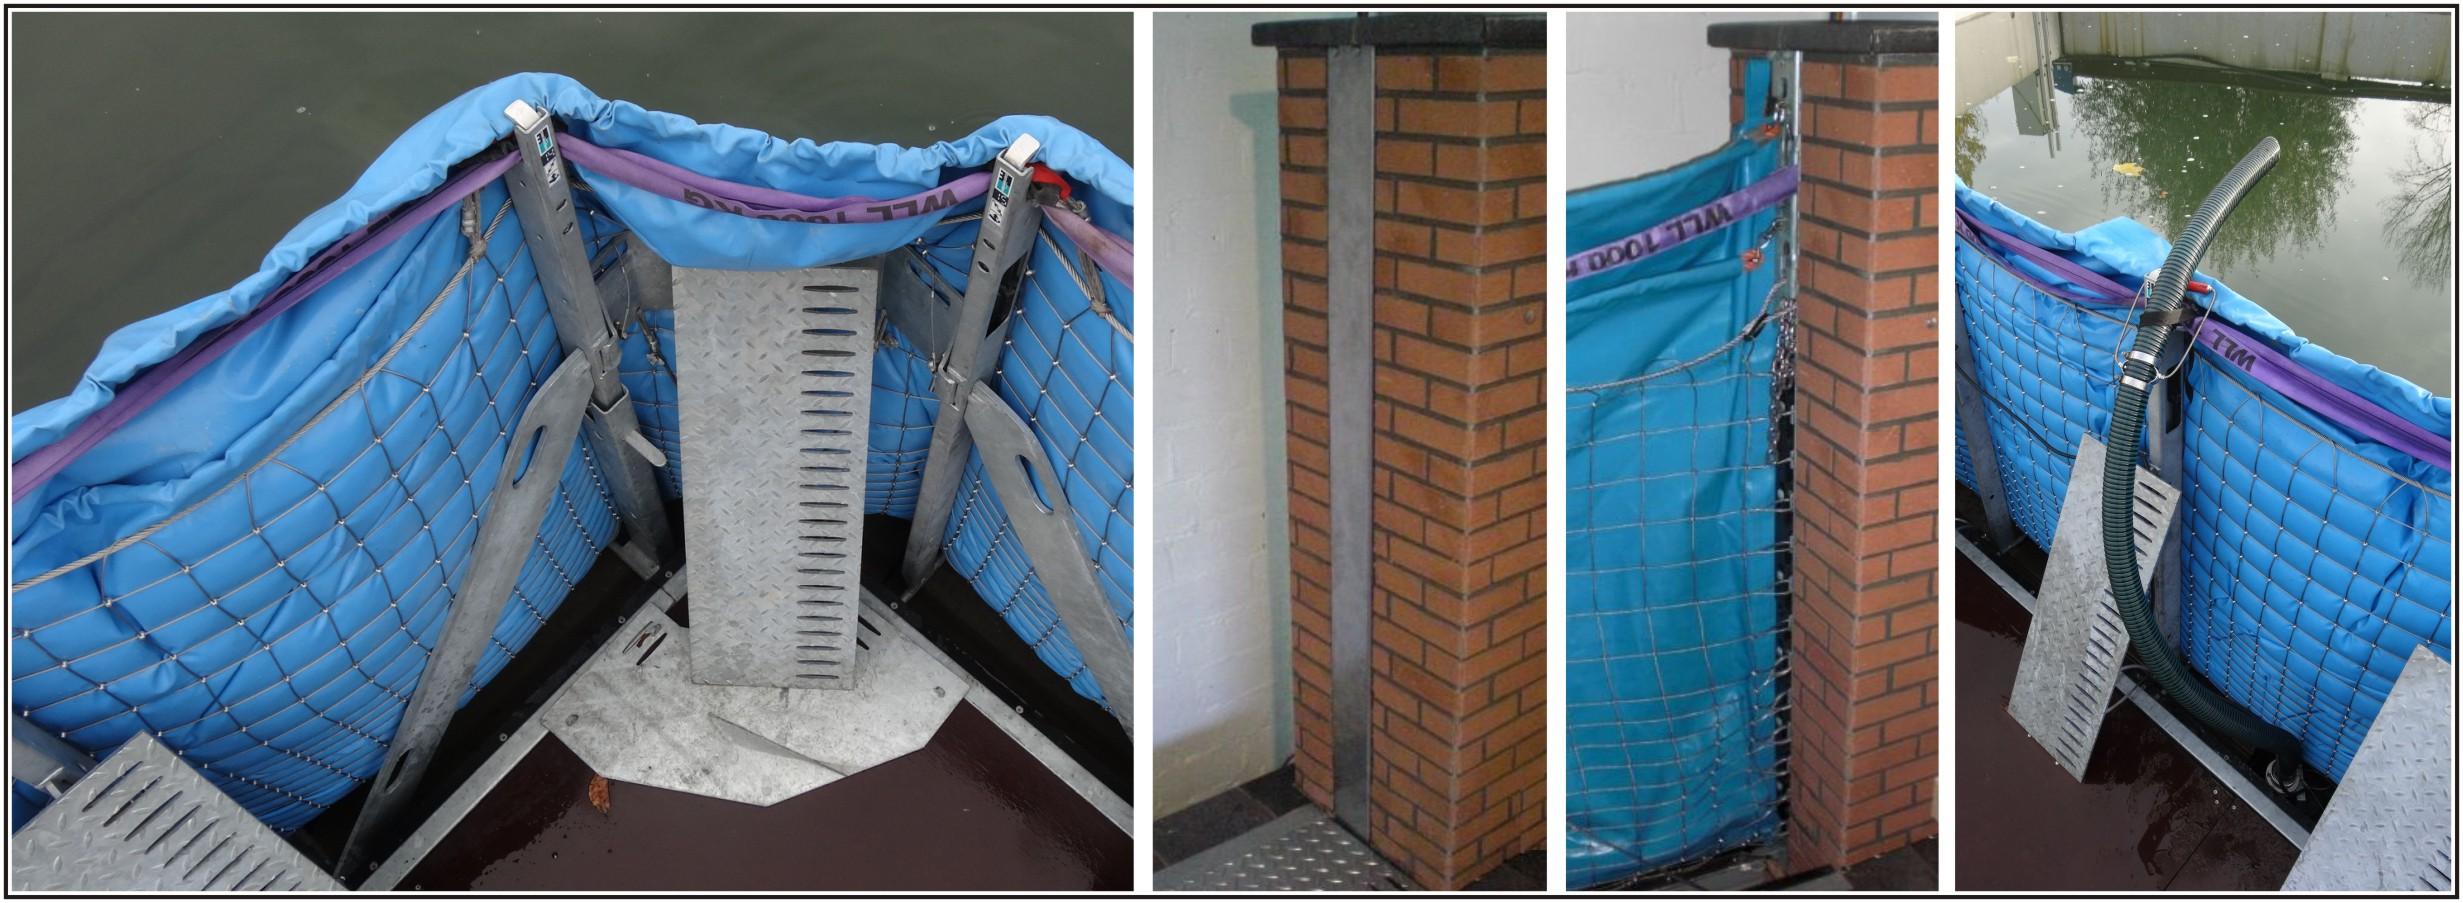 Ecken, Wandanschluss, Pumpenschacht des mobilen Hochwasserschutzsystems AquaWand